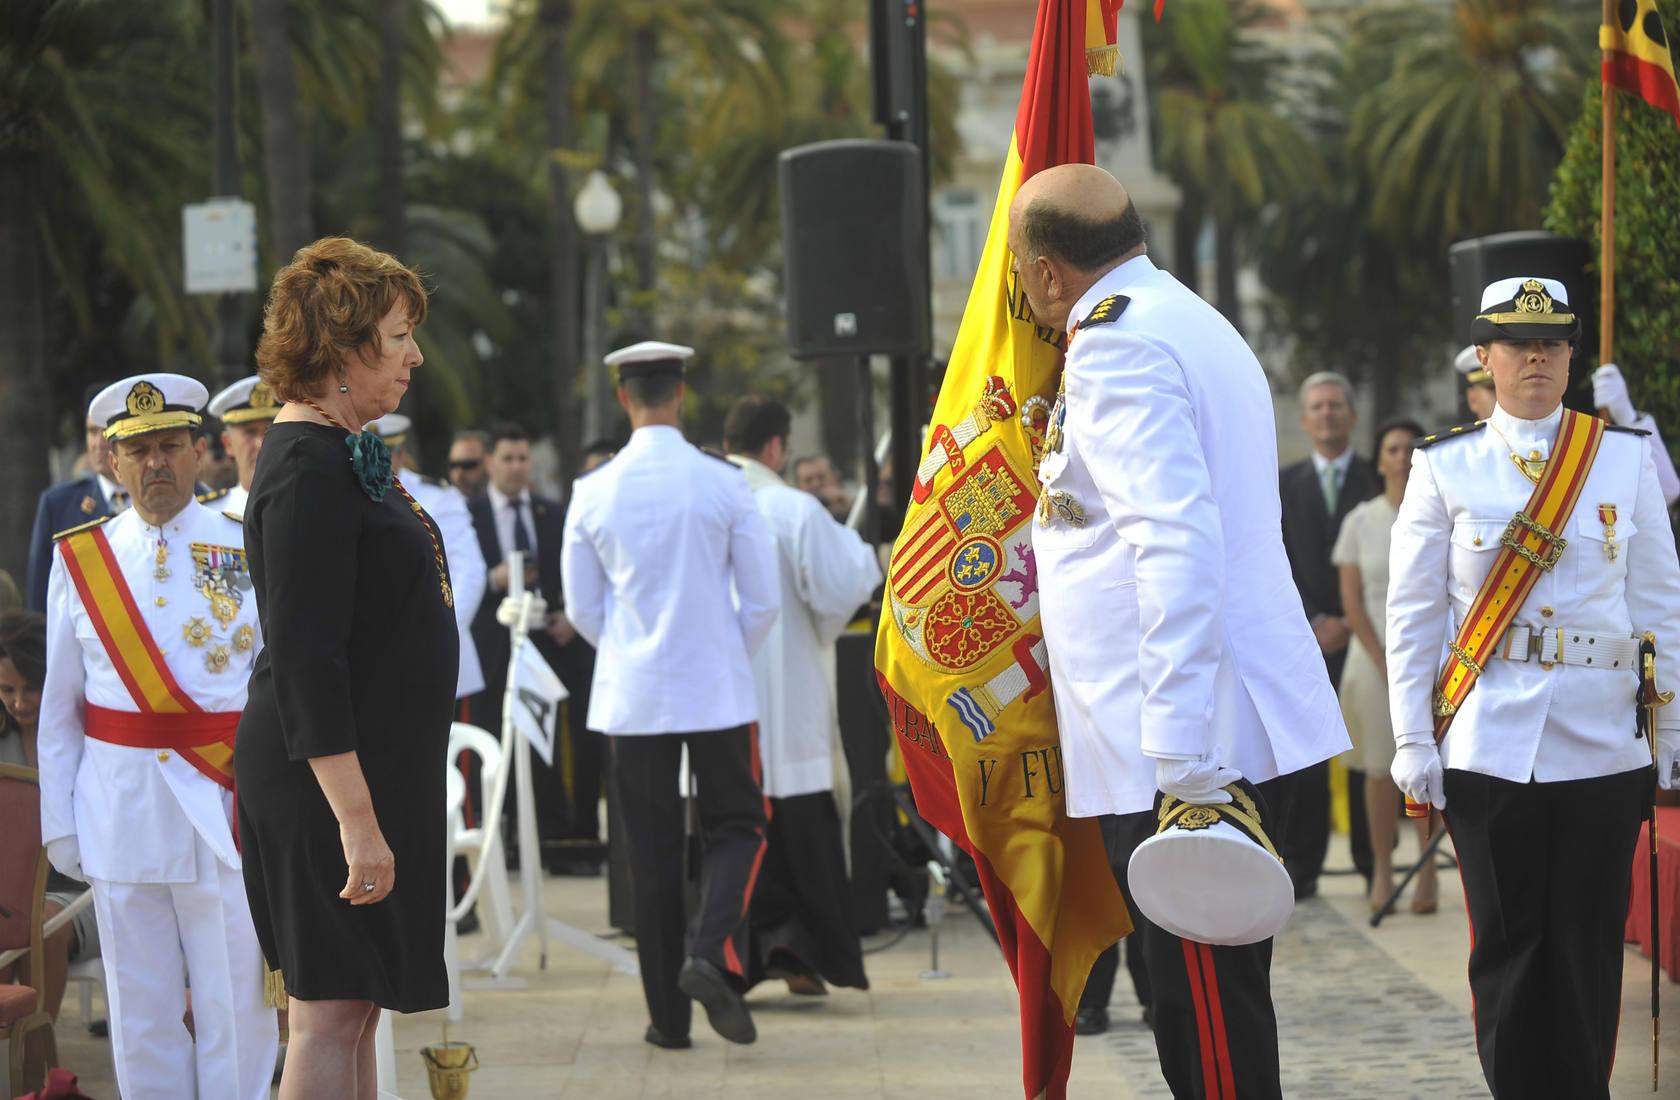 Barreiro entrega la bandera de combate a la Escuela de Infantería de Marina